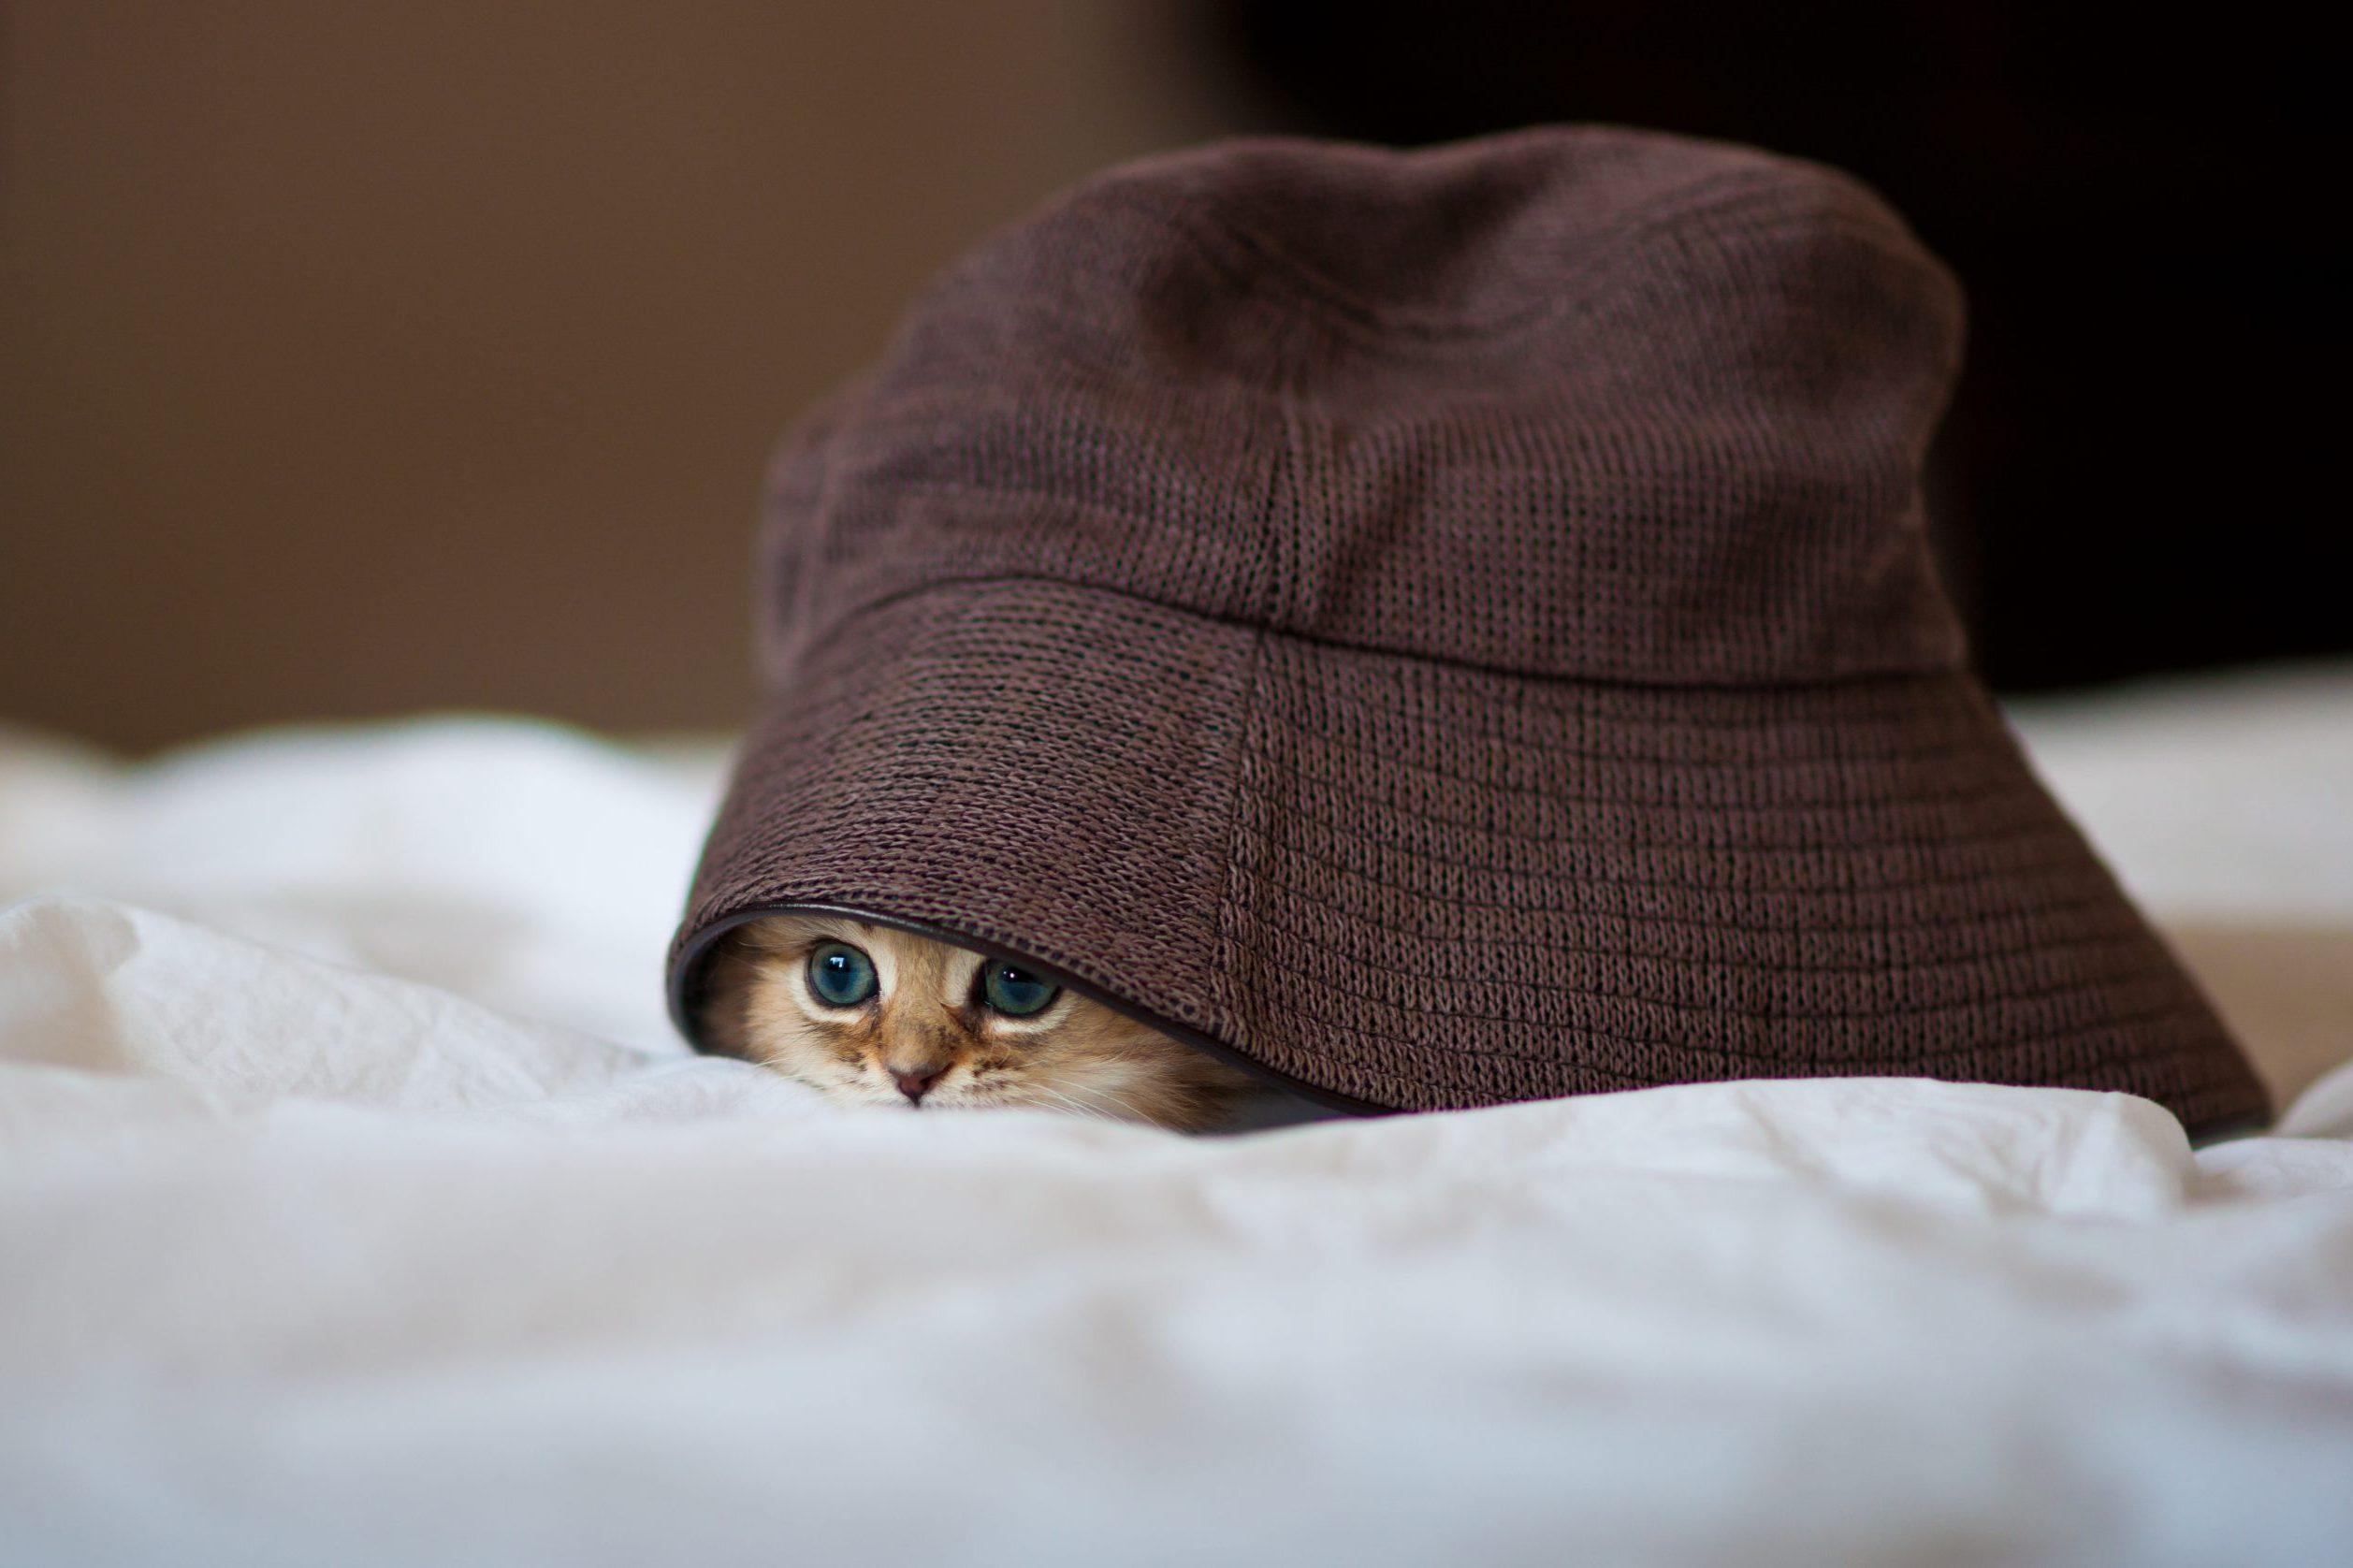 Kitten under brown hat